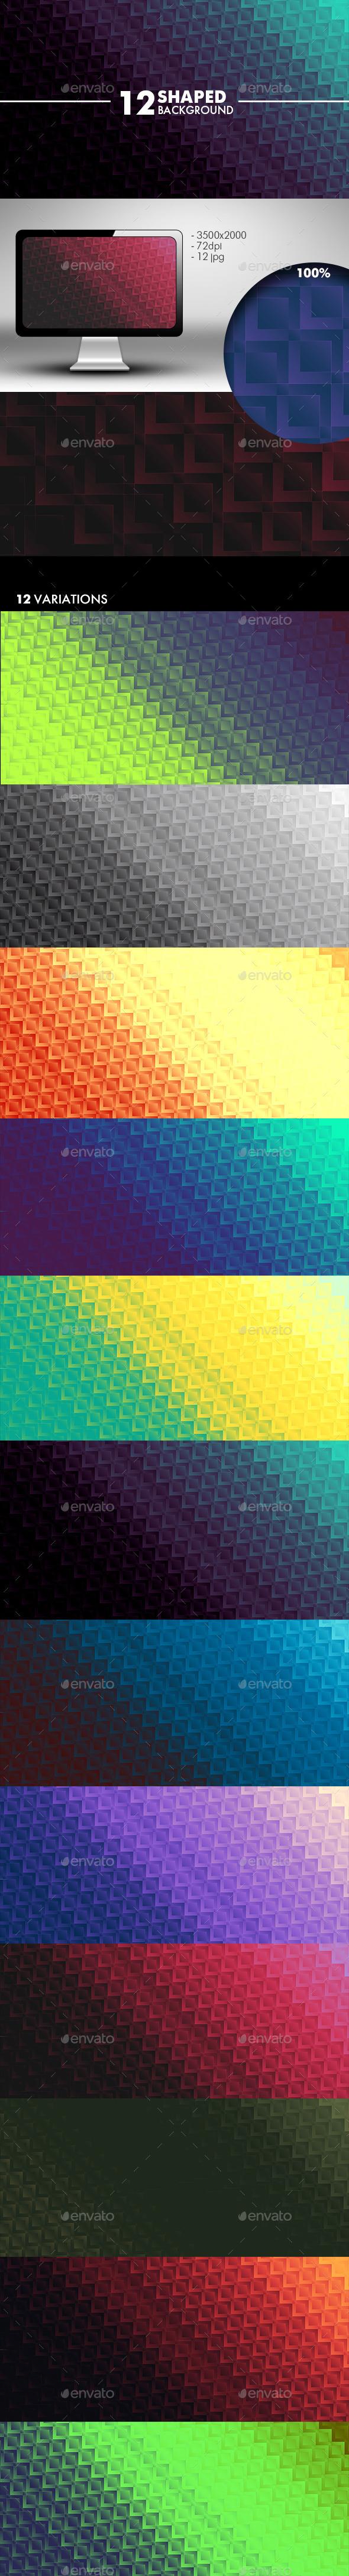 GraphicRiver Square Background 10546863